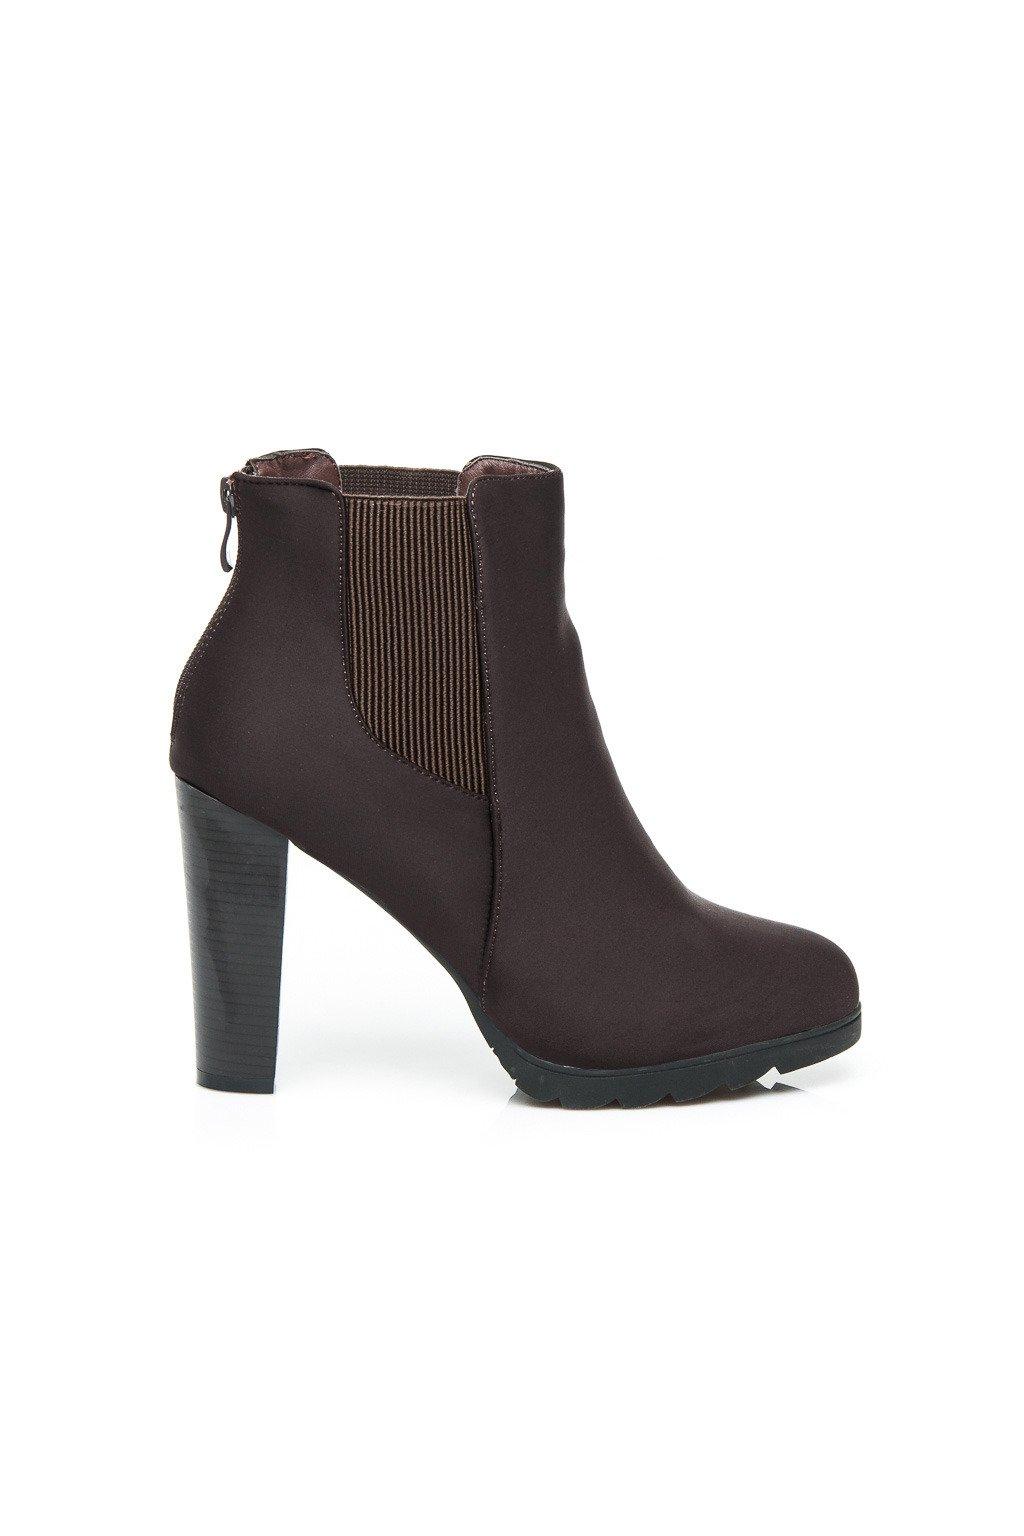 42898035b7db Hnedé topánky na opätku 23-M52231BR   S3-105P